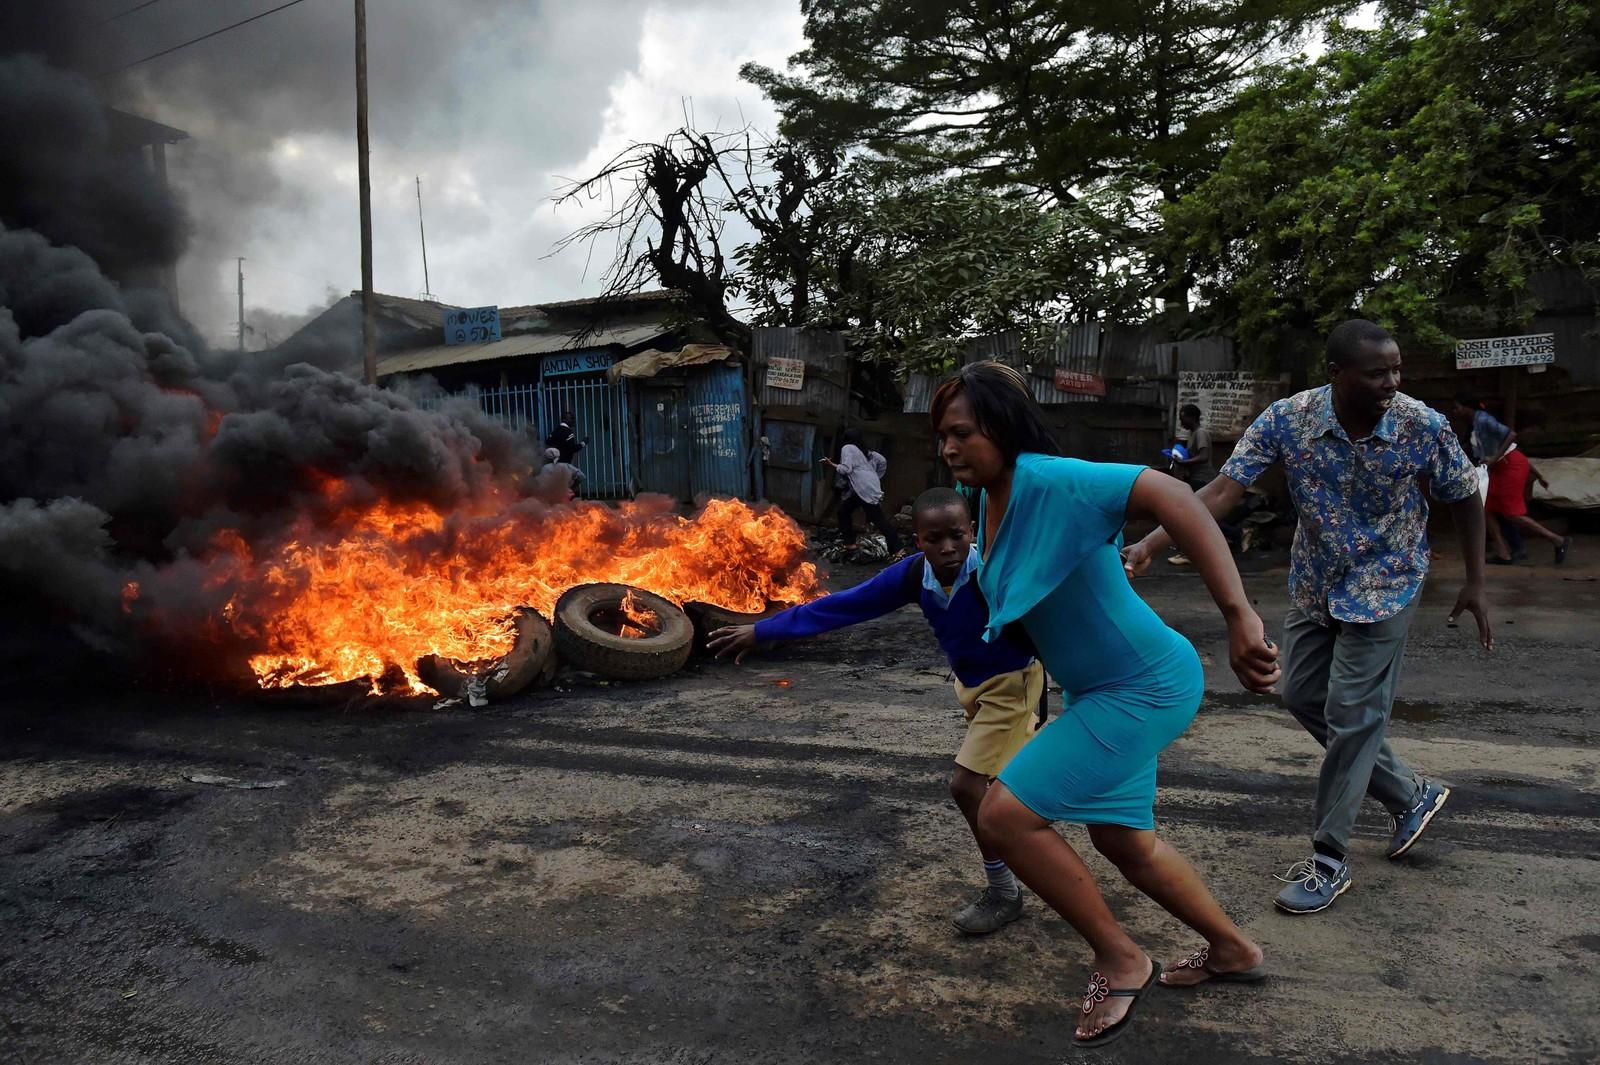 En kvinne river med seg en skoleelev i Kibera-slummen i Nairobi, Kenya under en politisk demonstrasjon.